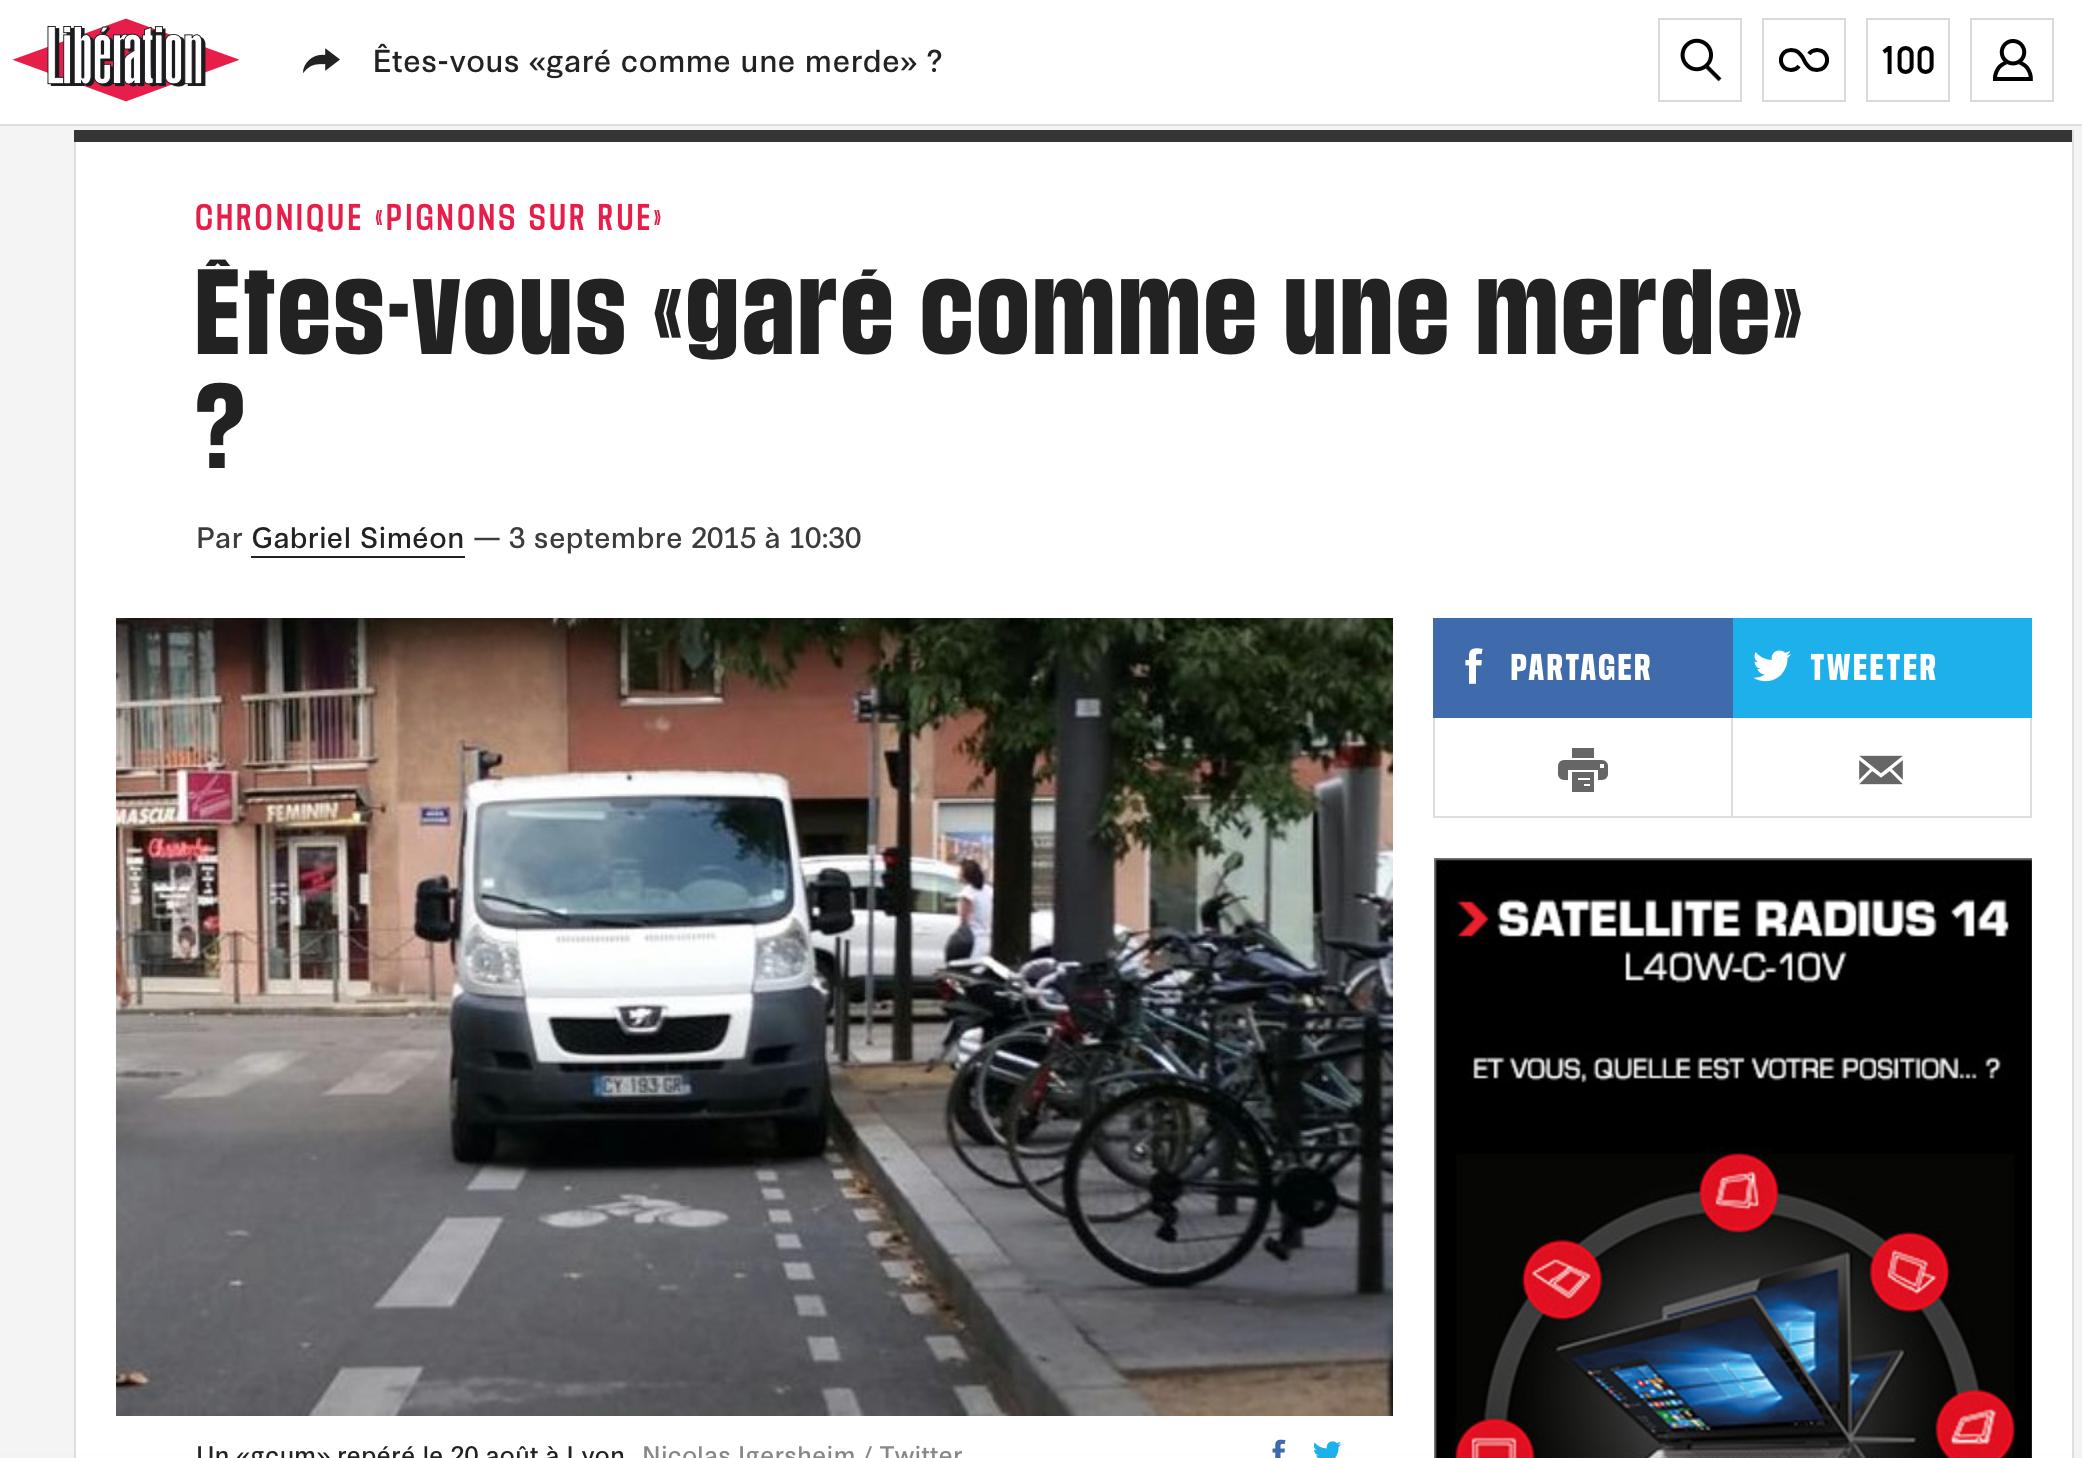 3 septembre 2015 - Libération